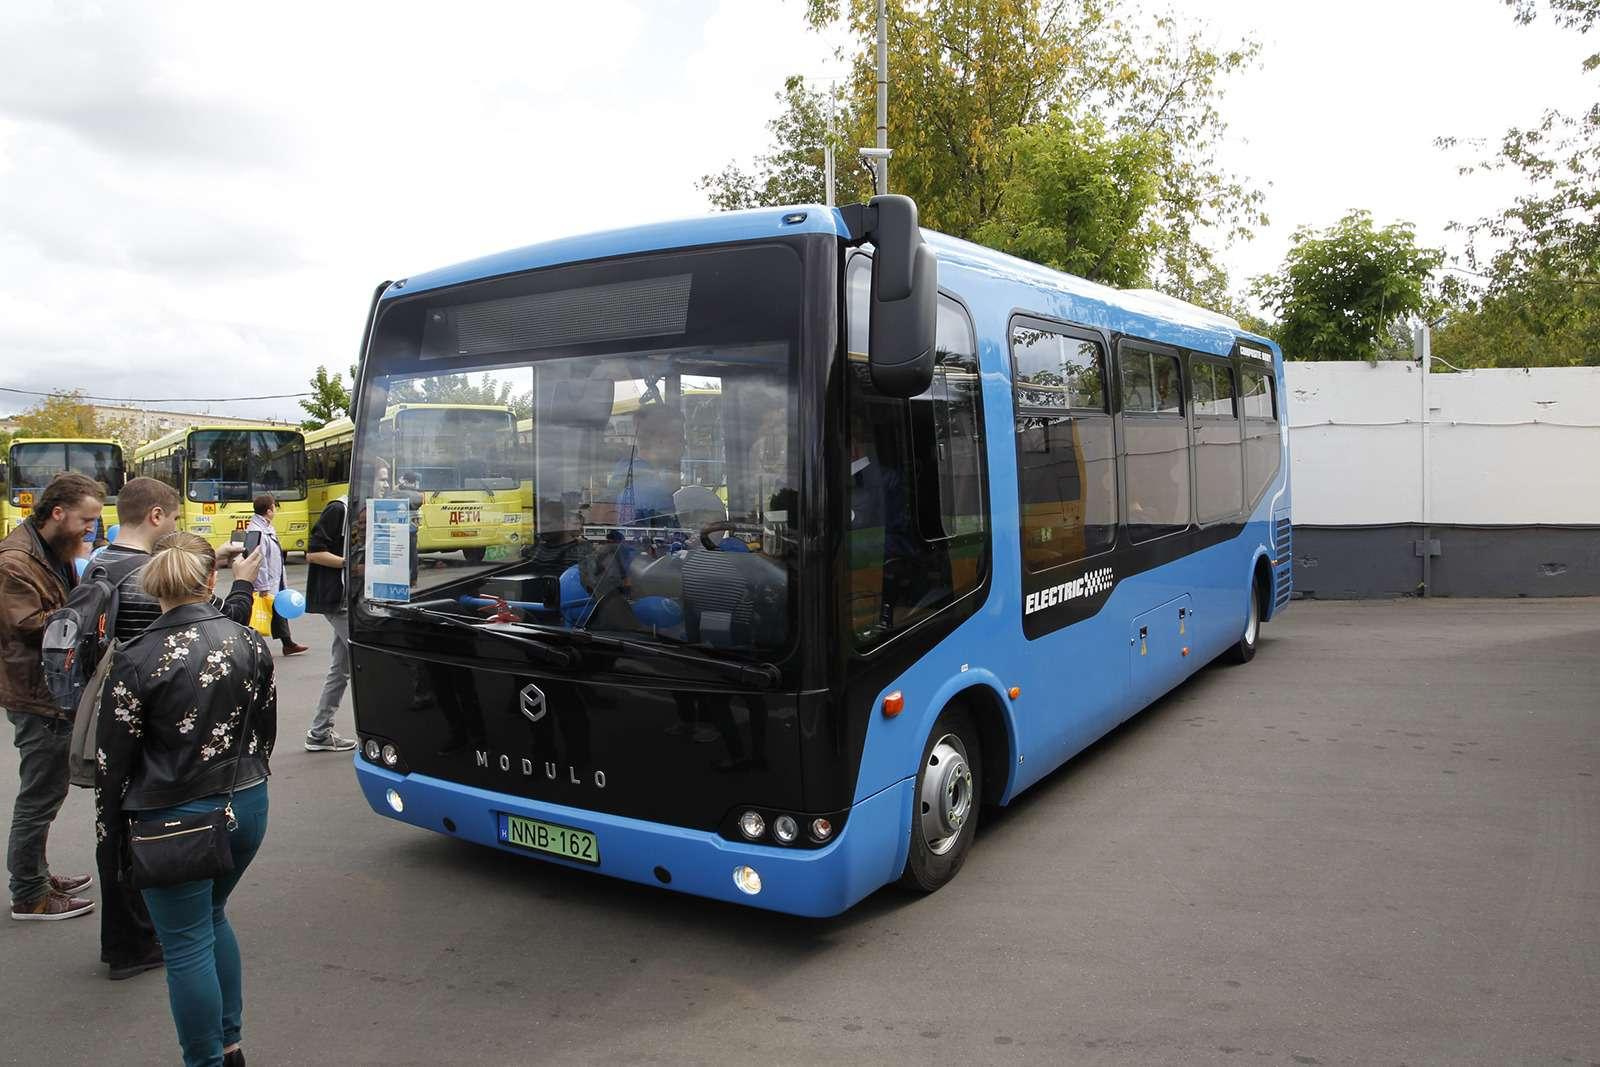 Автобусы нашего детства— выставка пассажирского транспорта— фото 792722